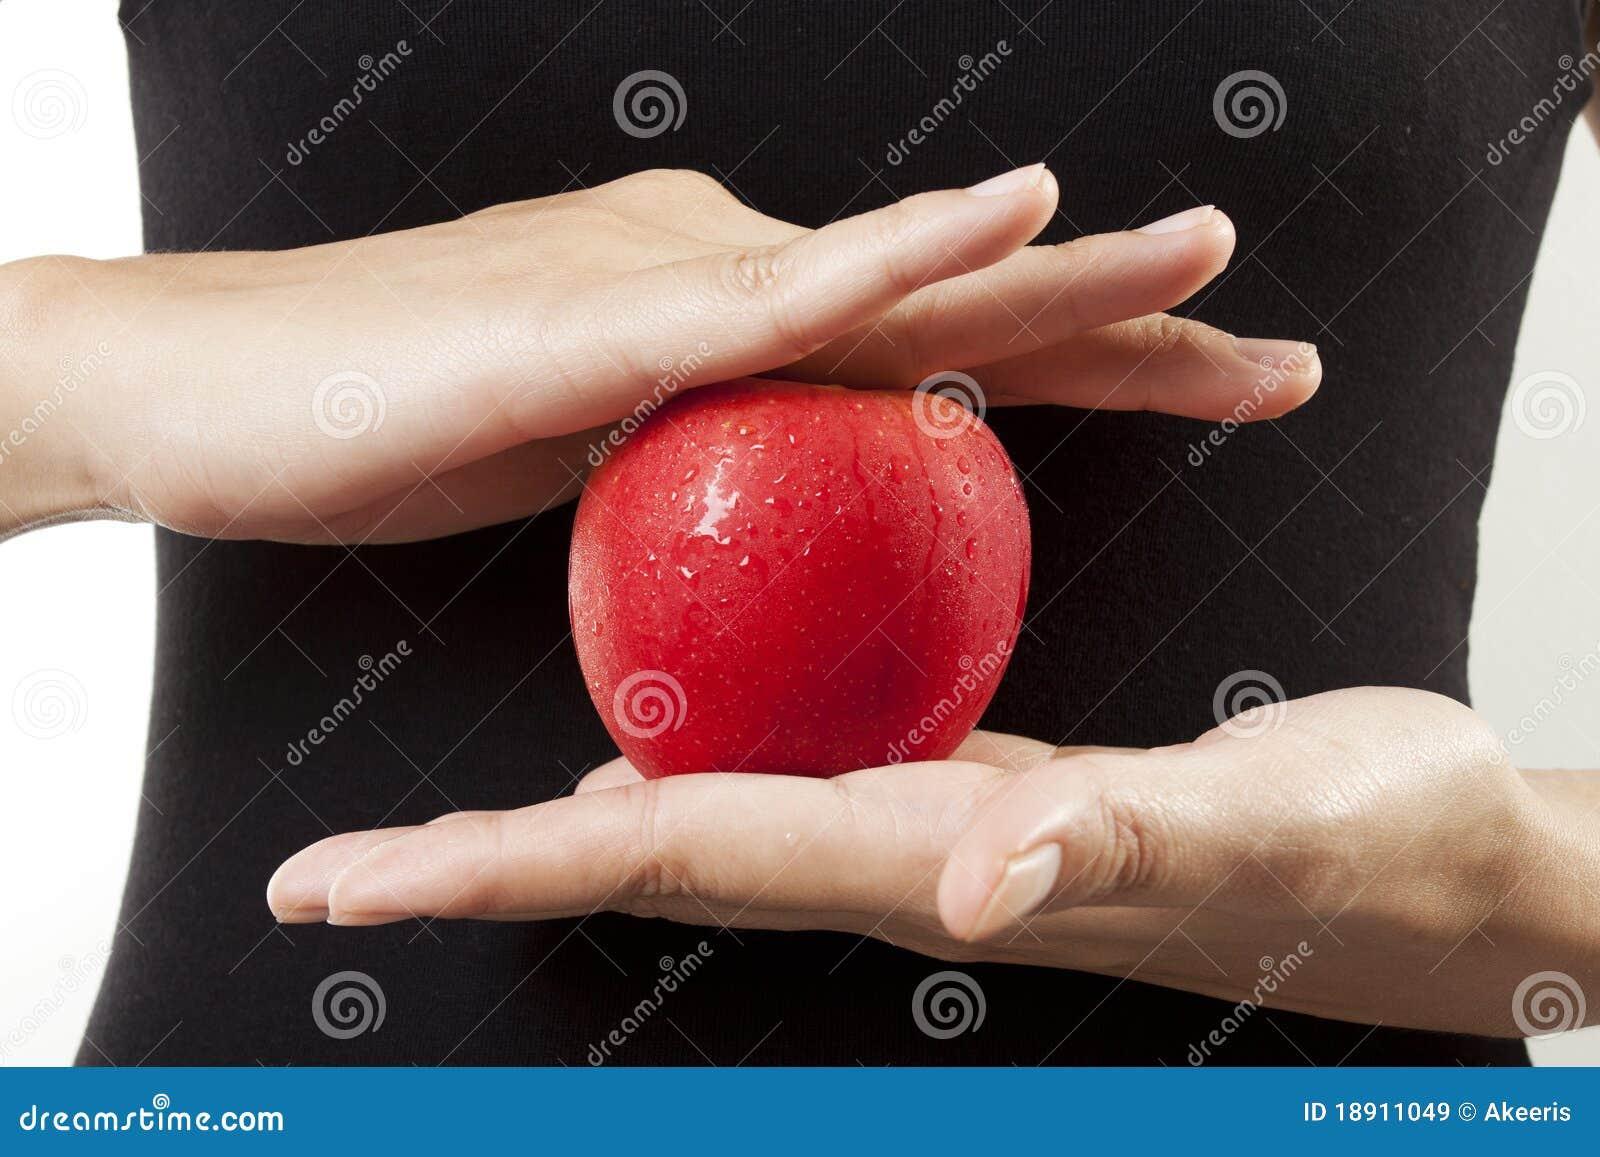 crown apple machine